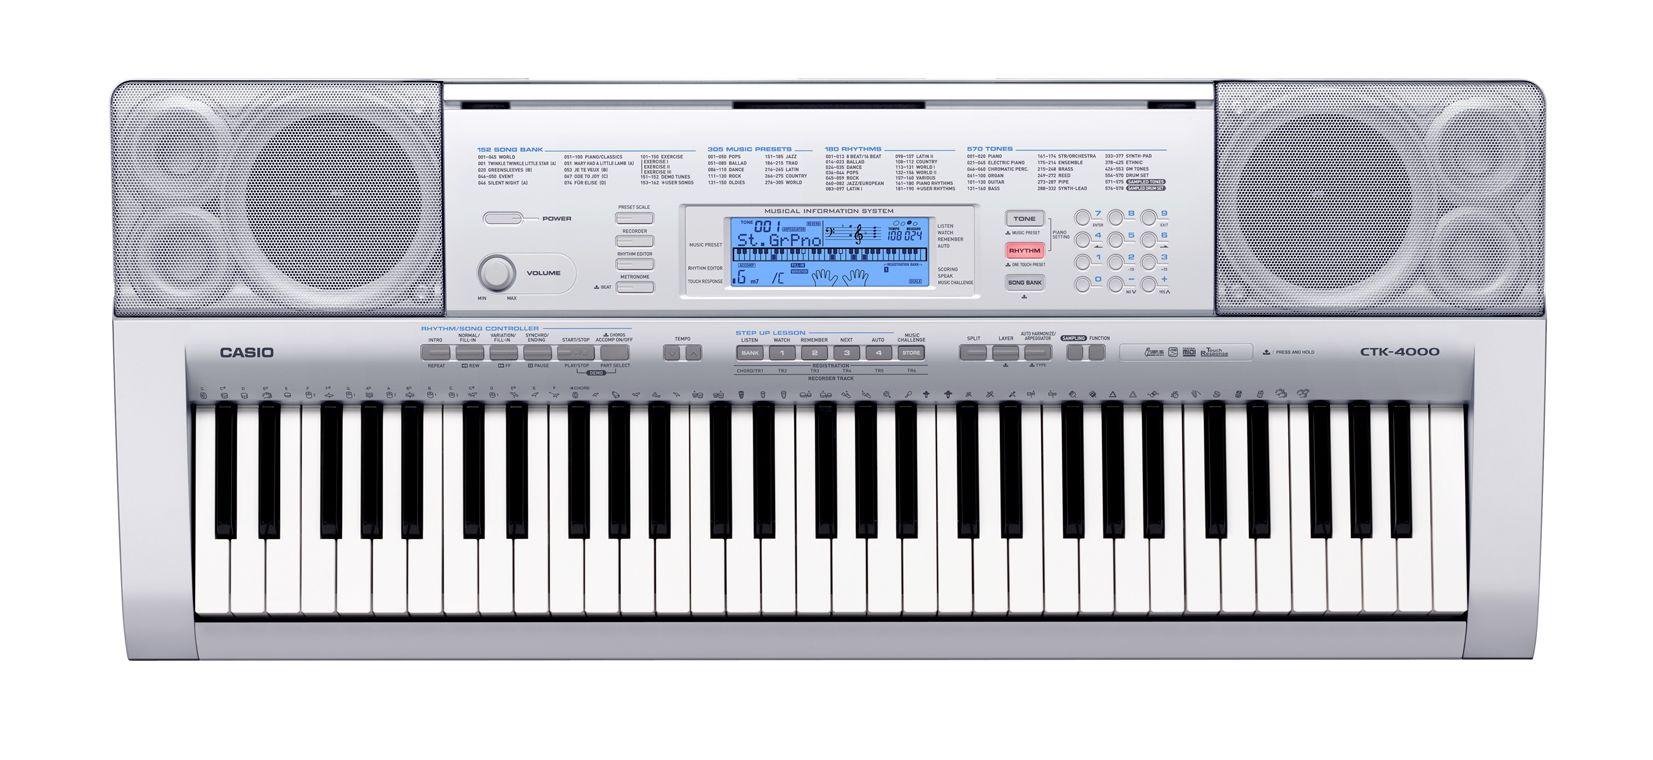 Shop bán đàn organ Casio CTK-4000